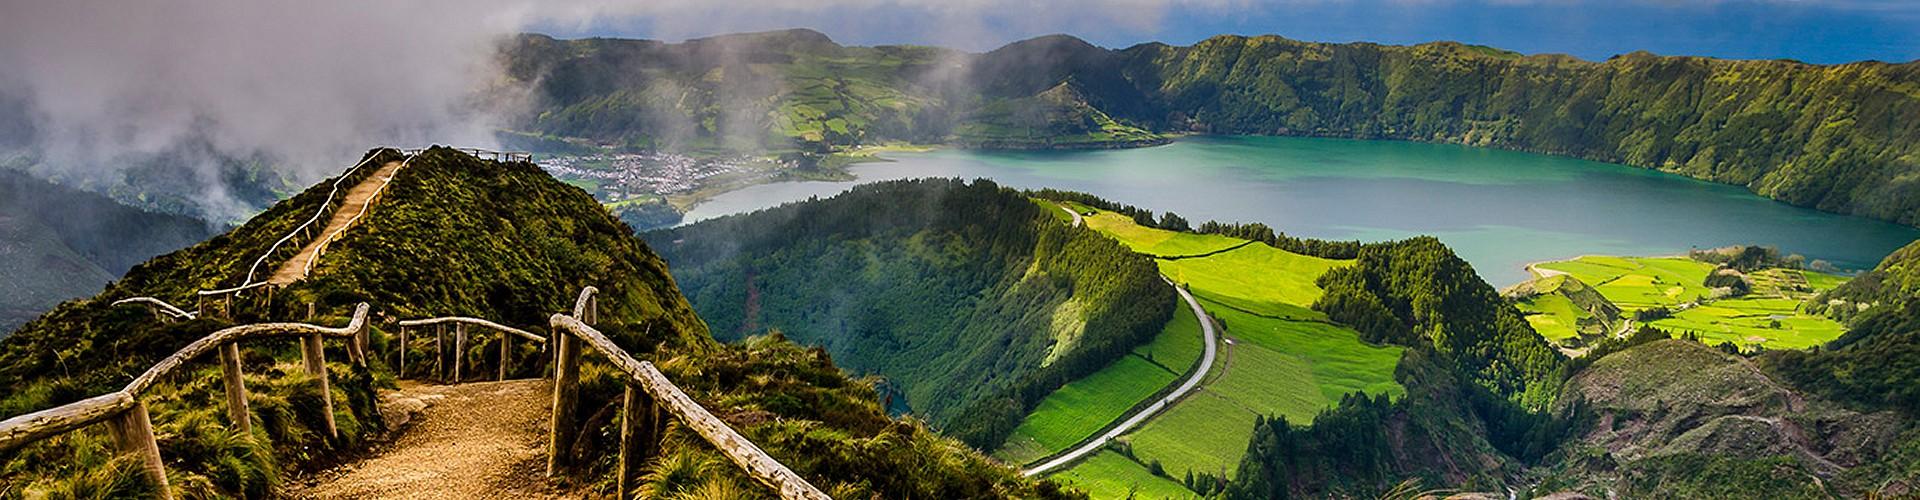 Azoren - Ponta Delgada